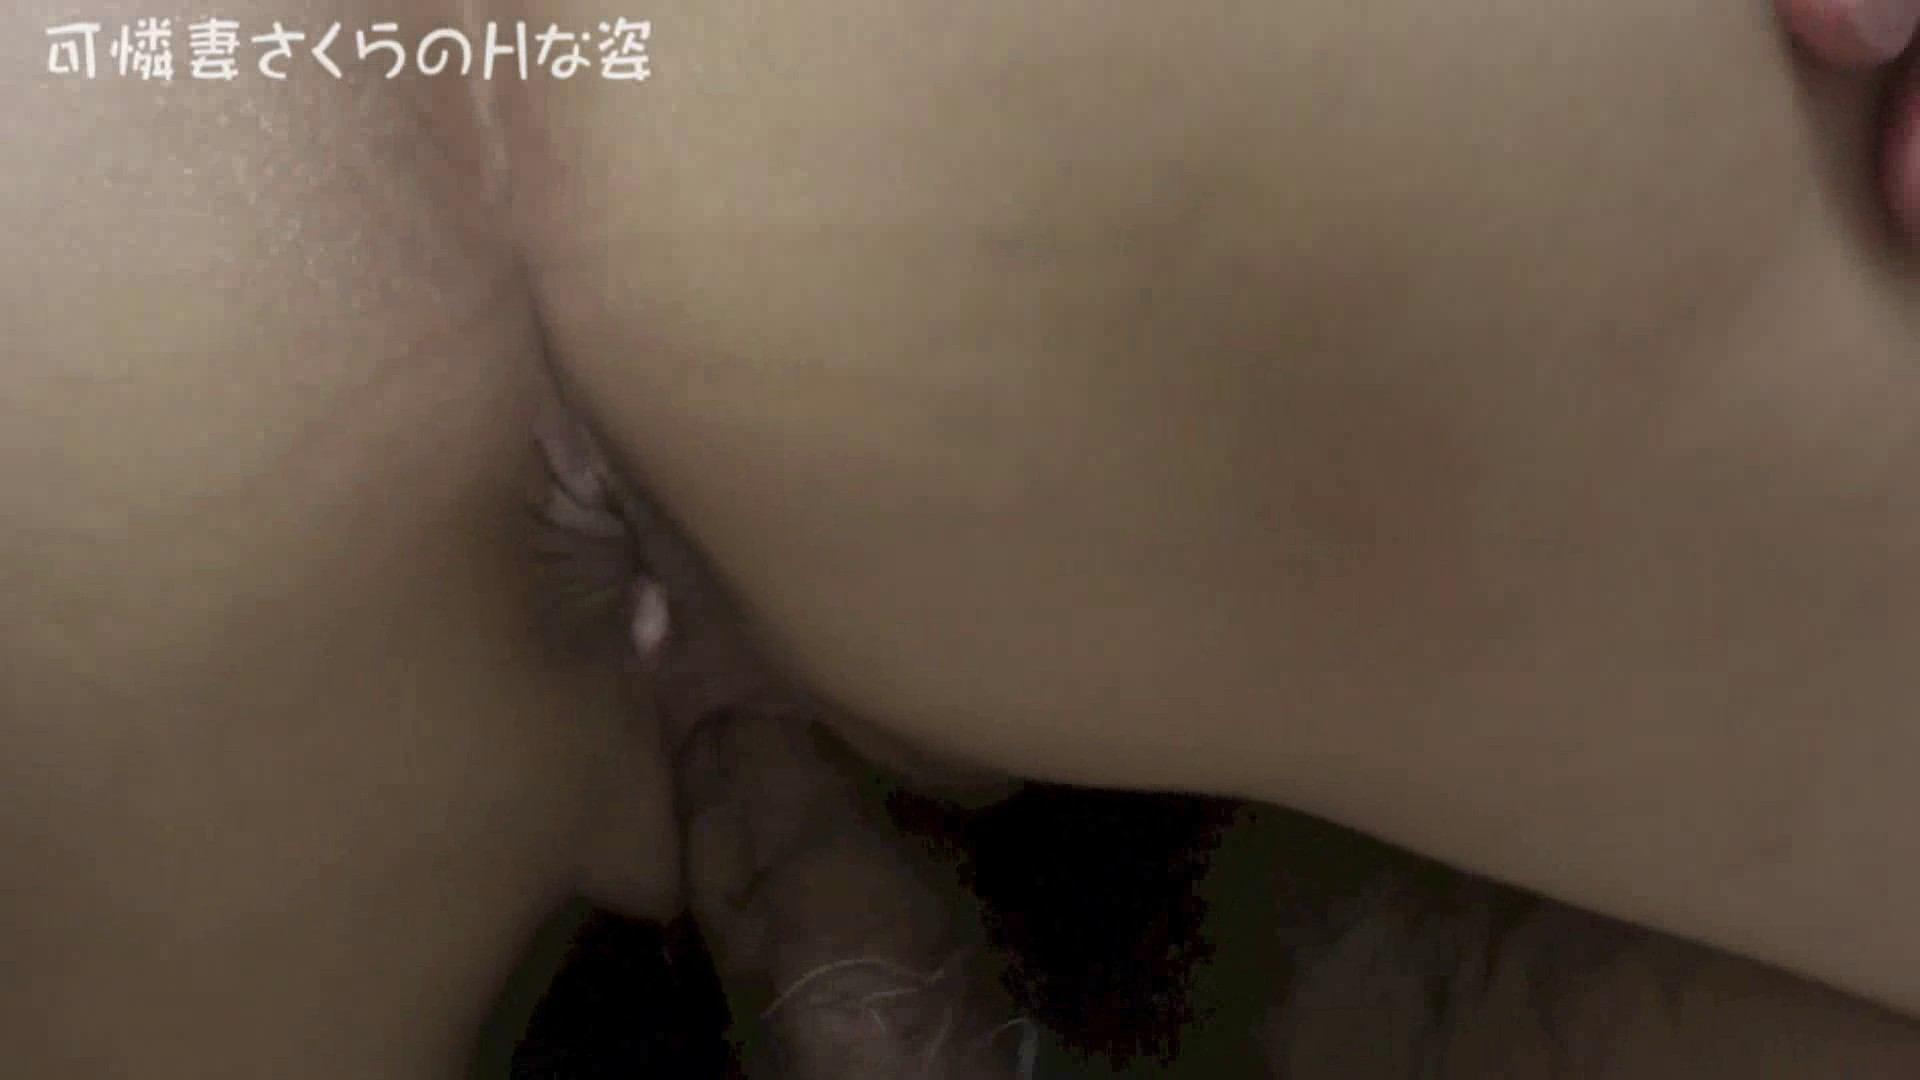 アダルトエロ動画|可憐妻さくらのHな姿vol.19|大奥